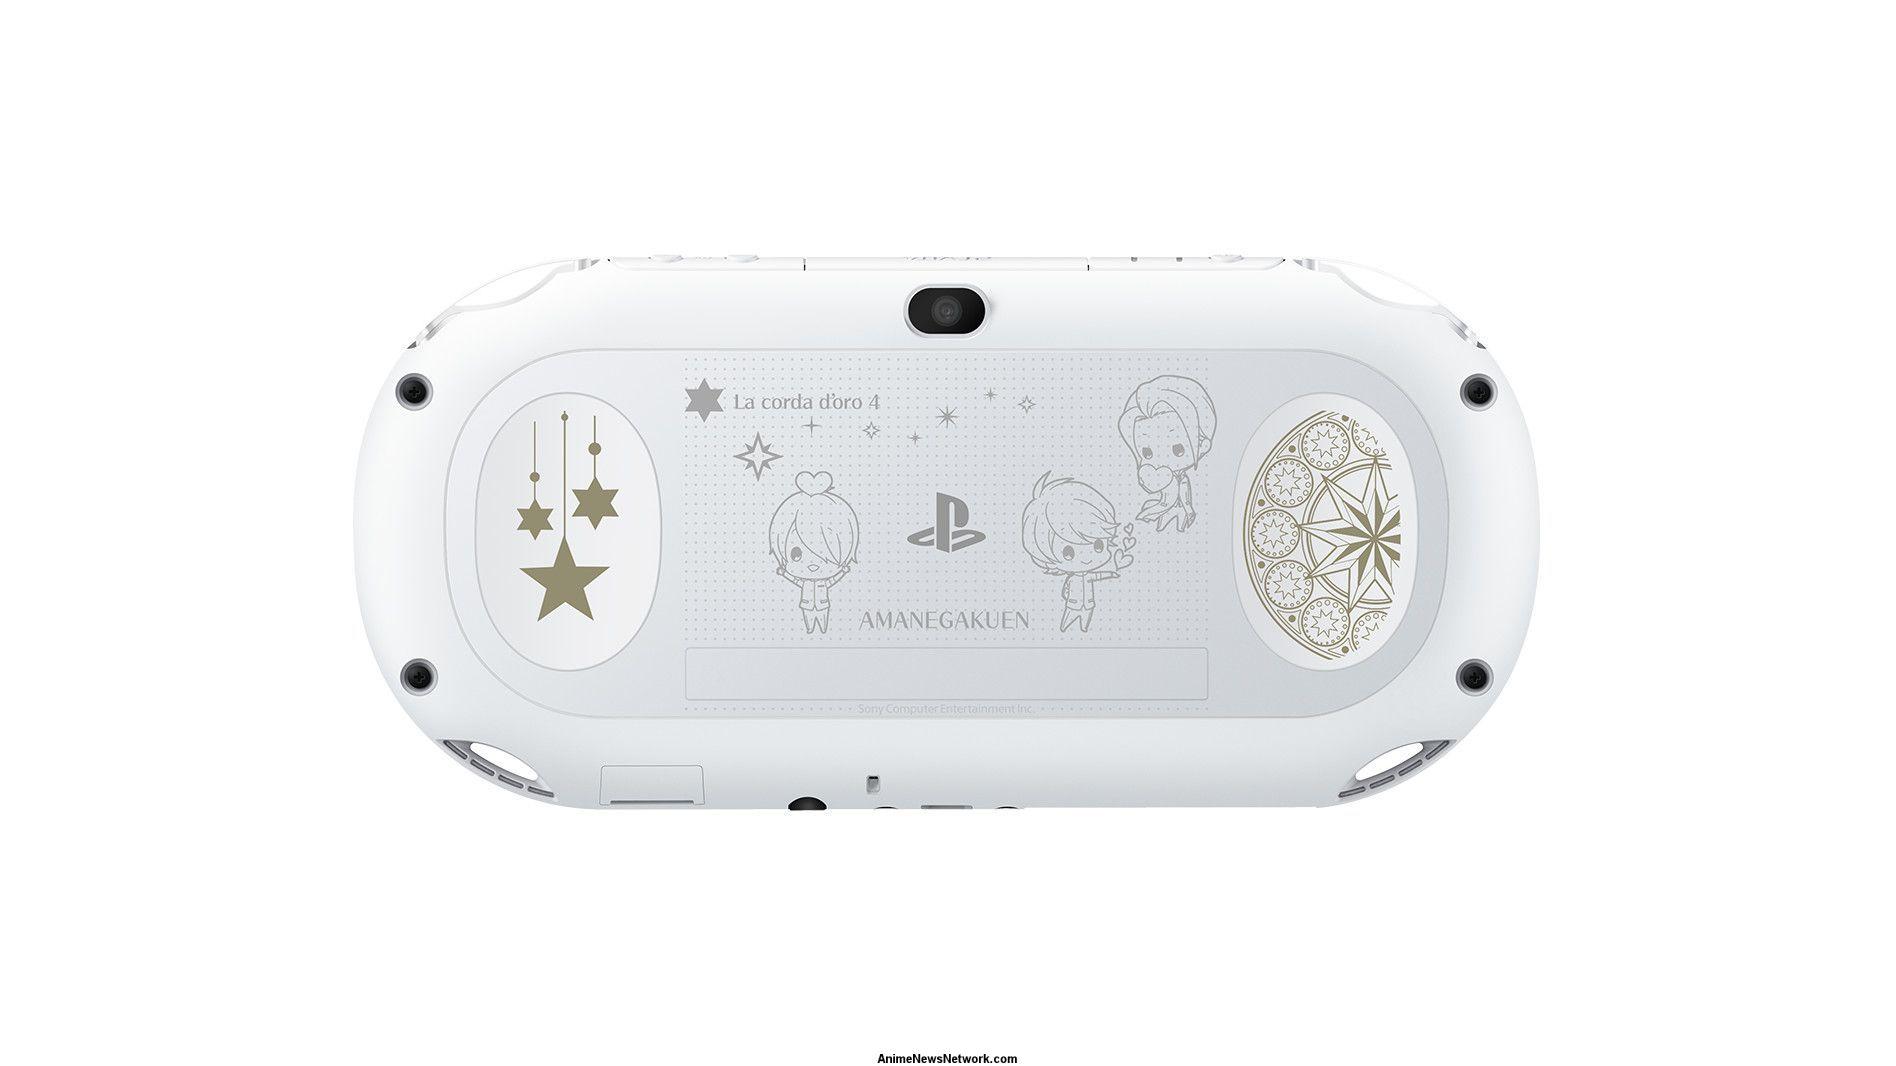 La corda d 39 oro 4 gets limited edition ps vita consoles - Ps vita test de la console ...